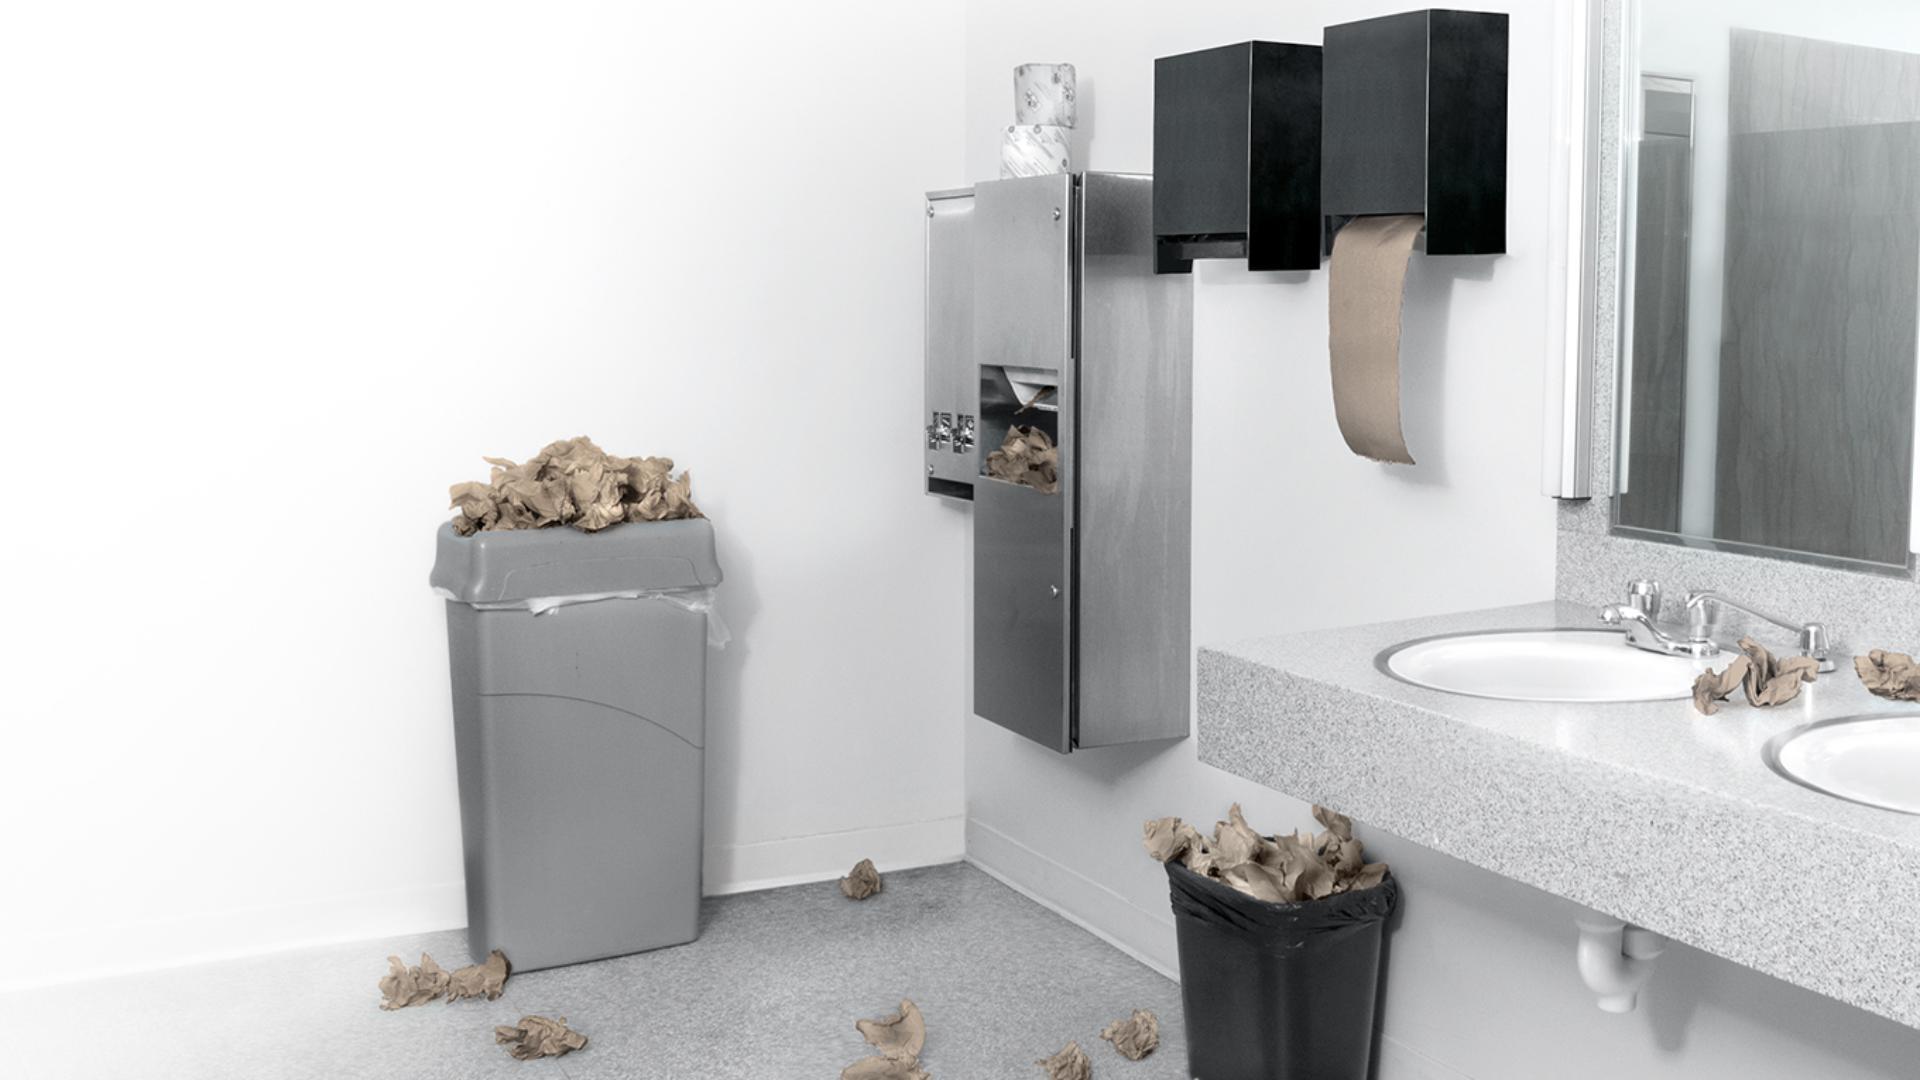 Área de baño sucio